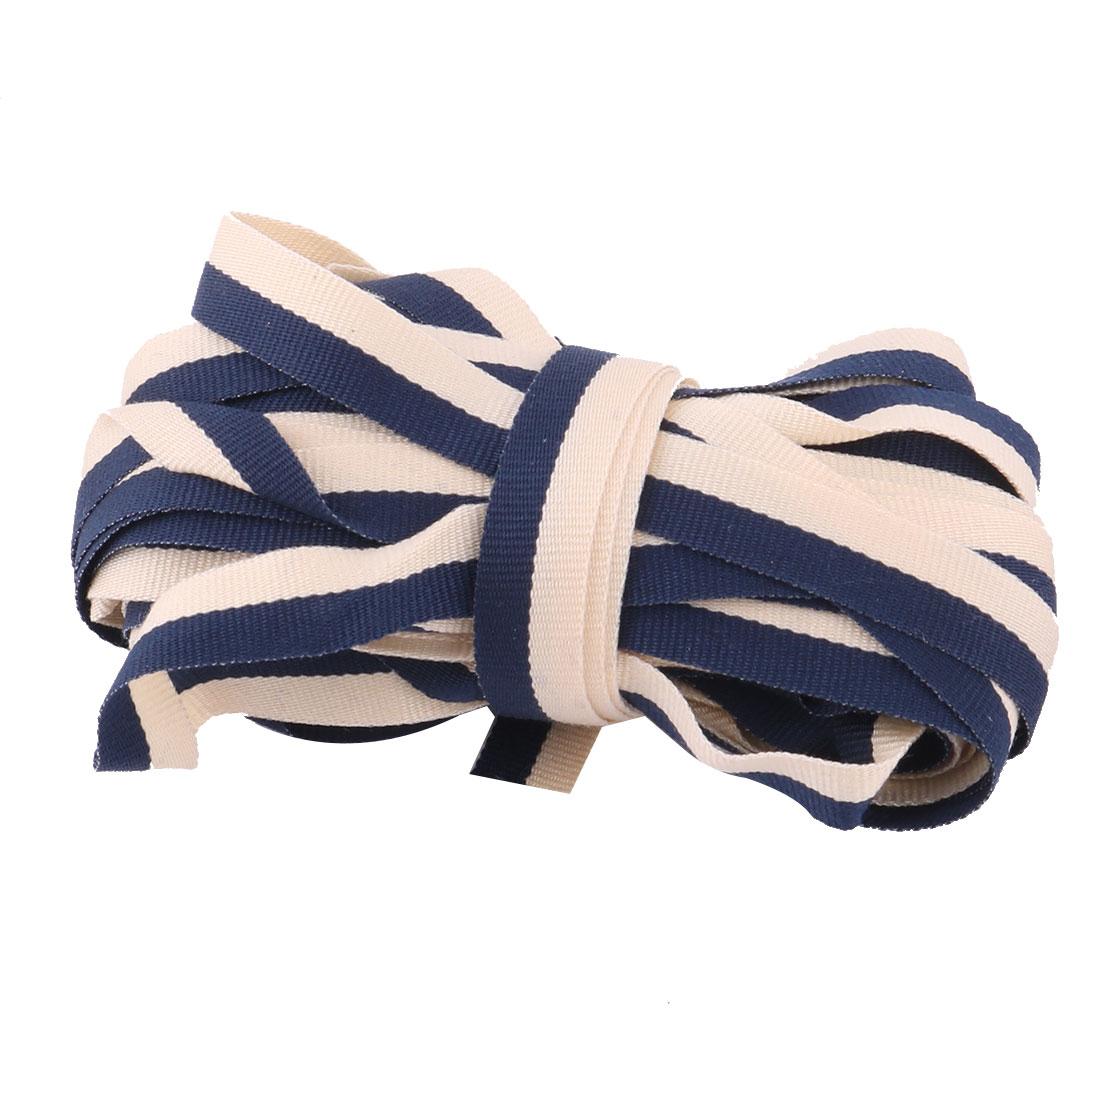 Polyester DIY Craft Wrapping Sewing Ribbon String Bundling Khaki Blue 10 Yards